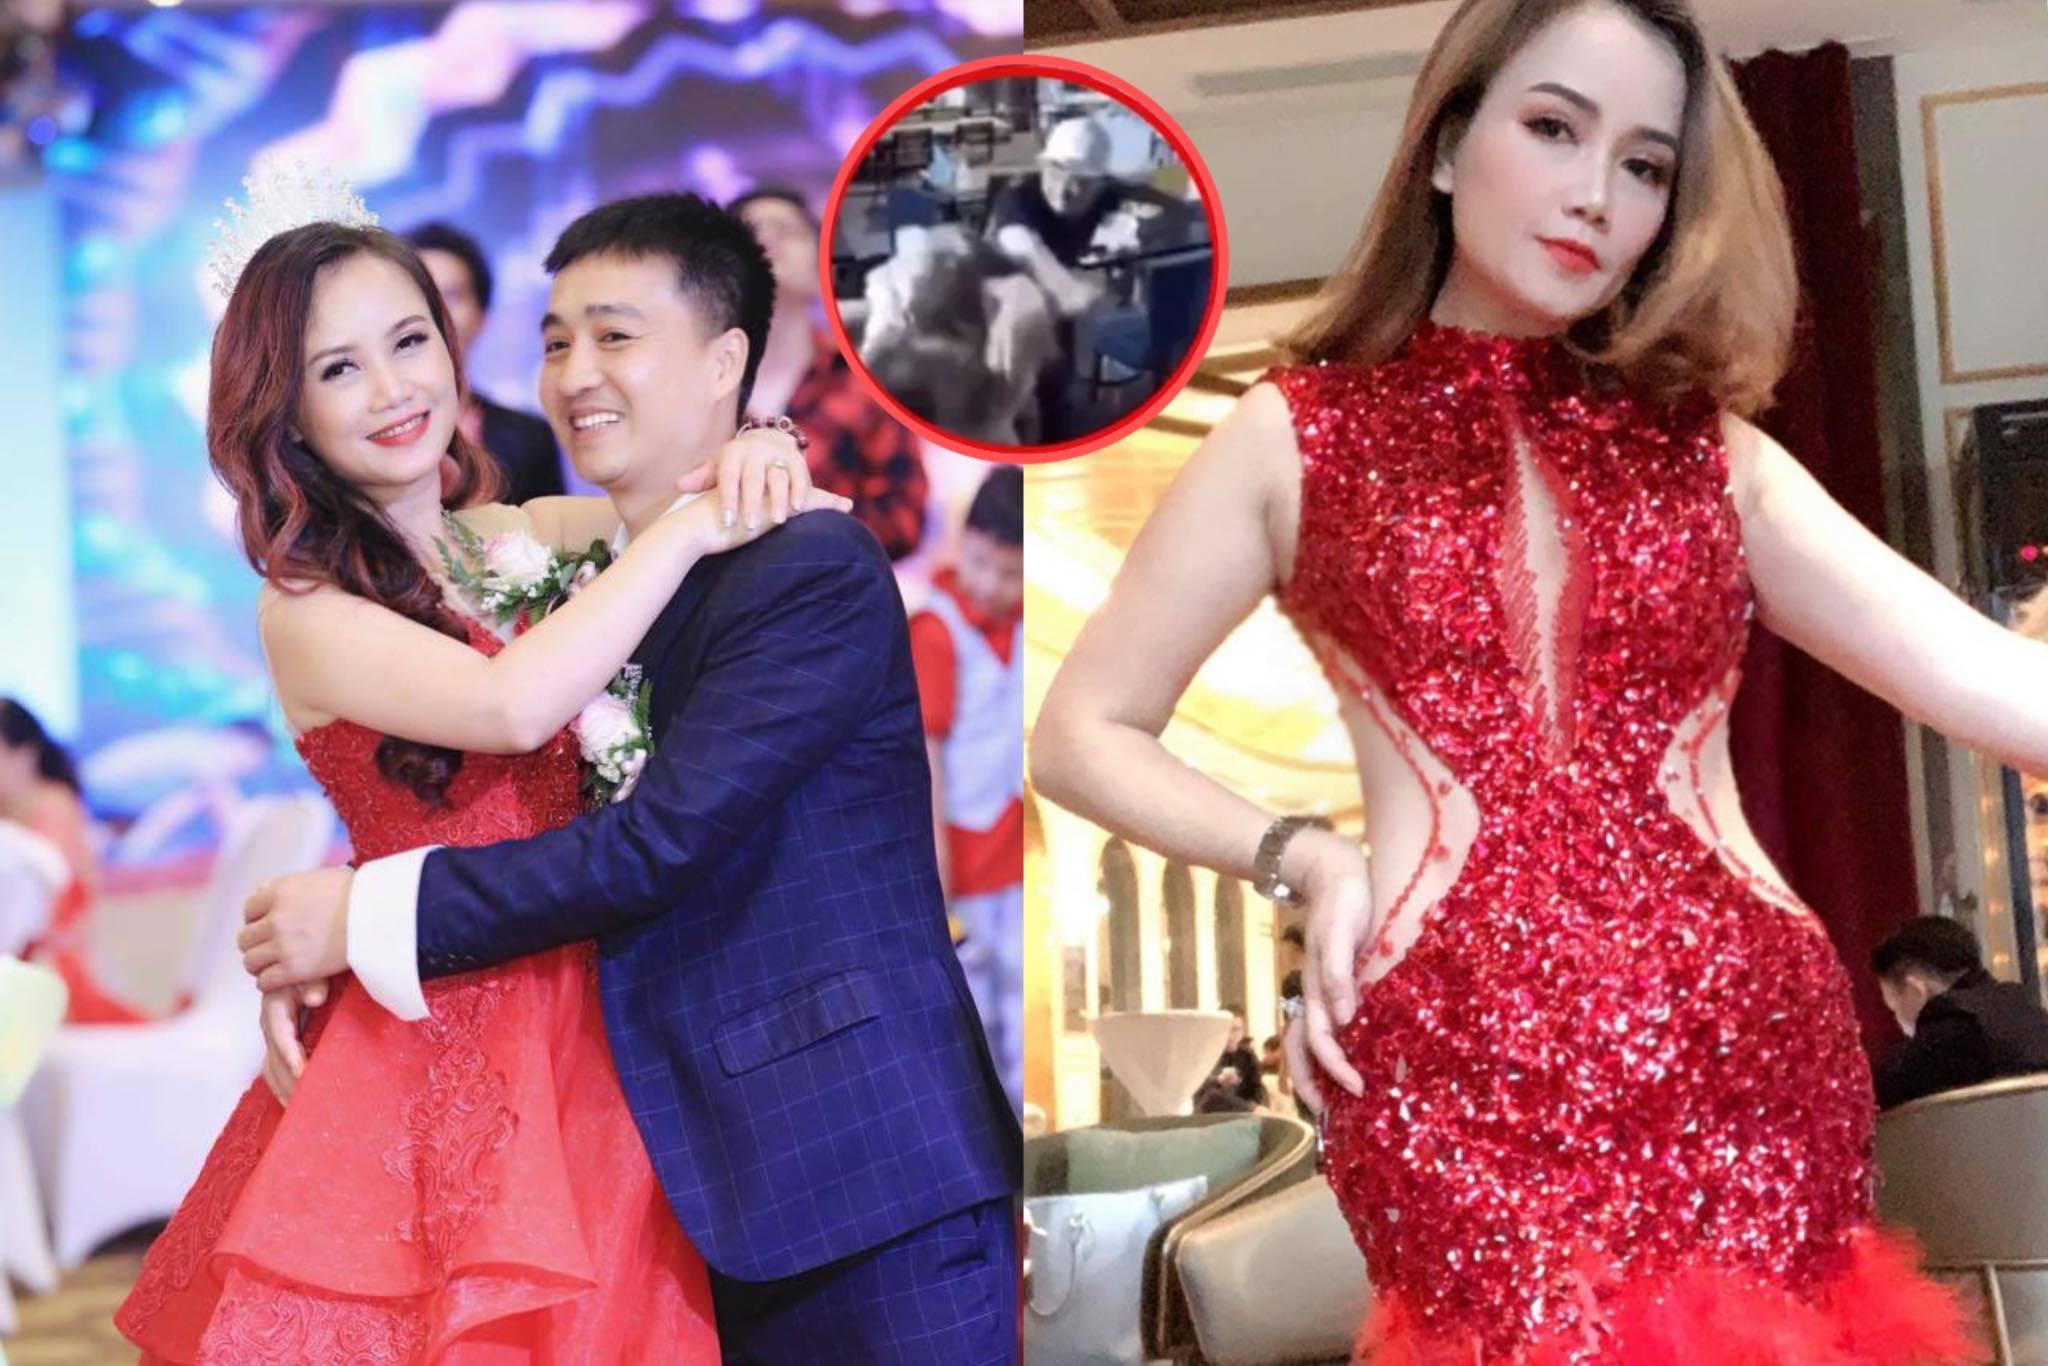 Hoàng Yến bị chồng cũ đánh chảy máu mũi: Người đàn ông này là ai?